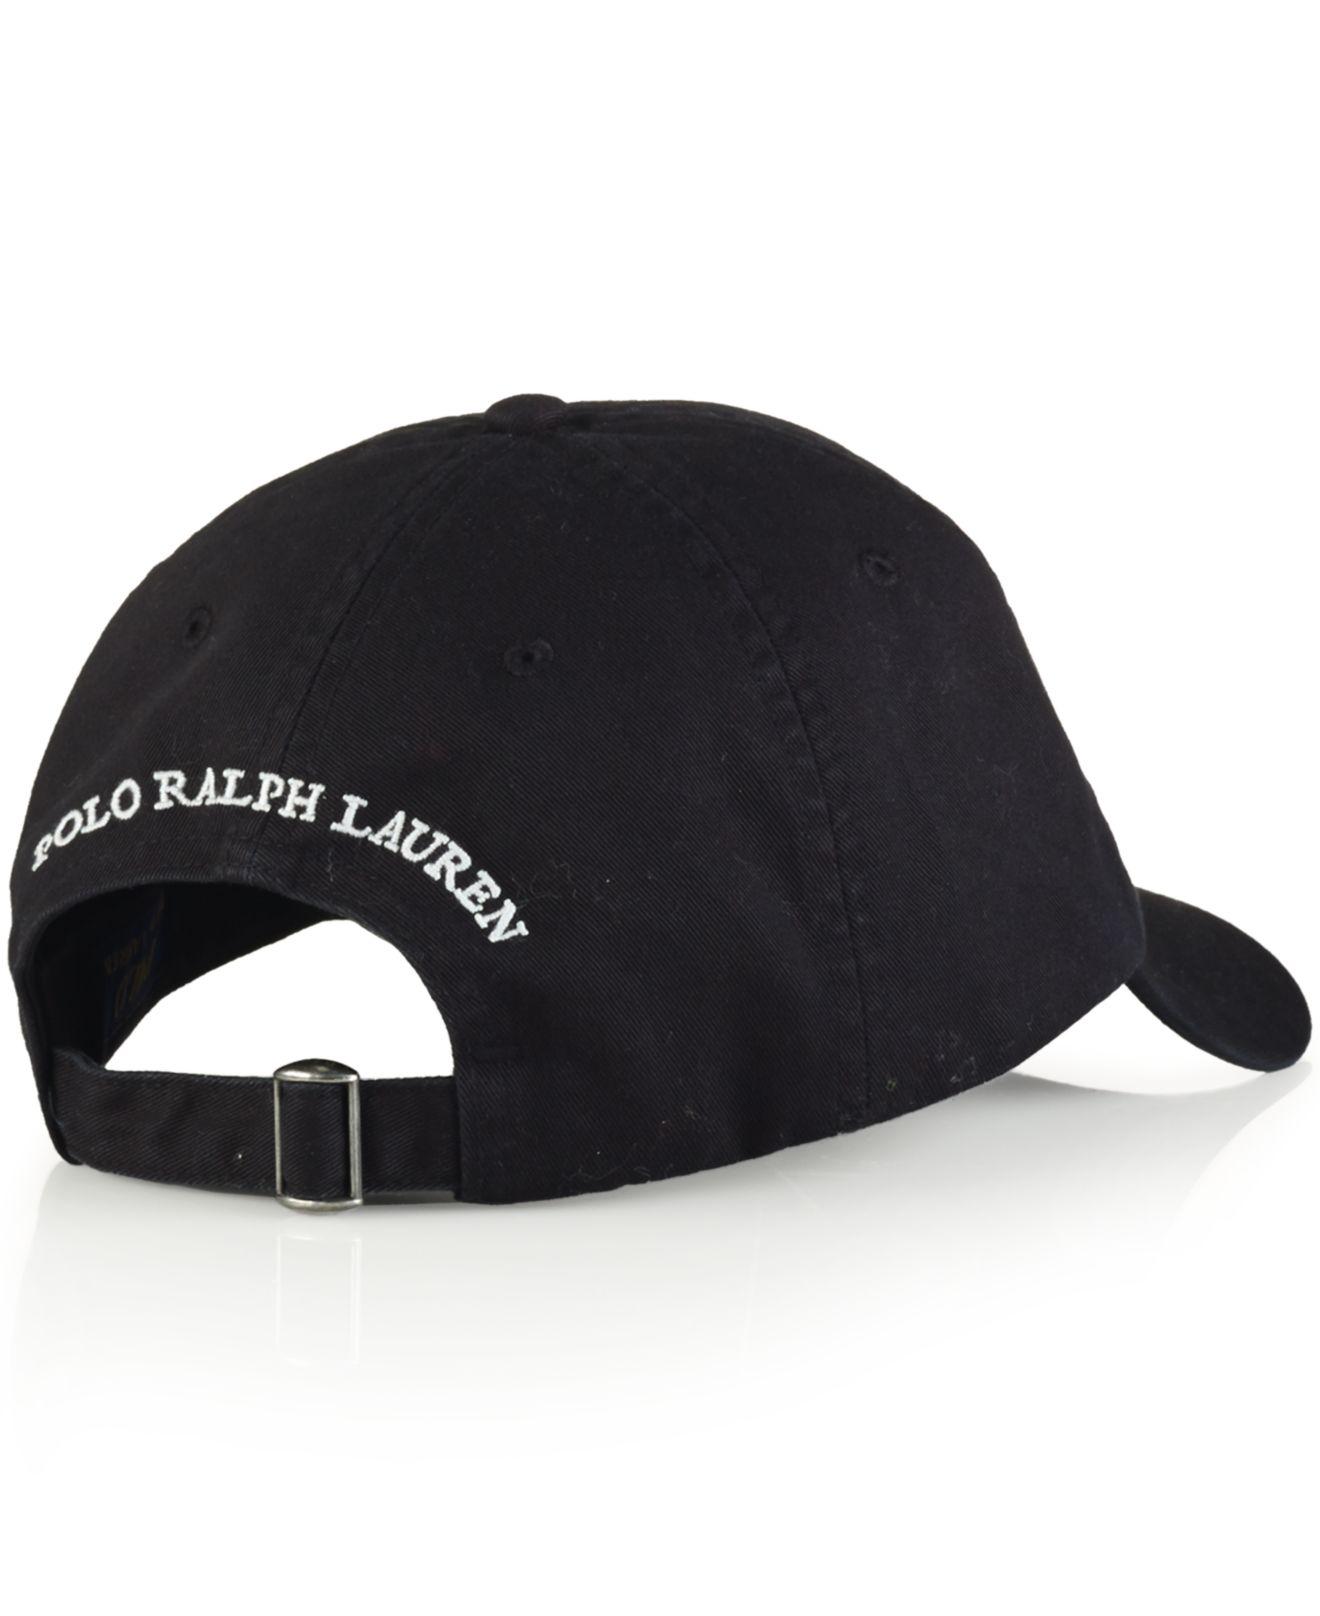 Polo Ralph Lauren Chino Baseball Cap - Parchment N Lead 167815d5e94b